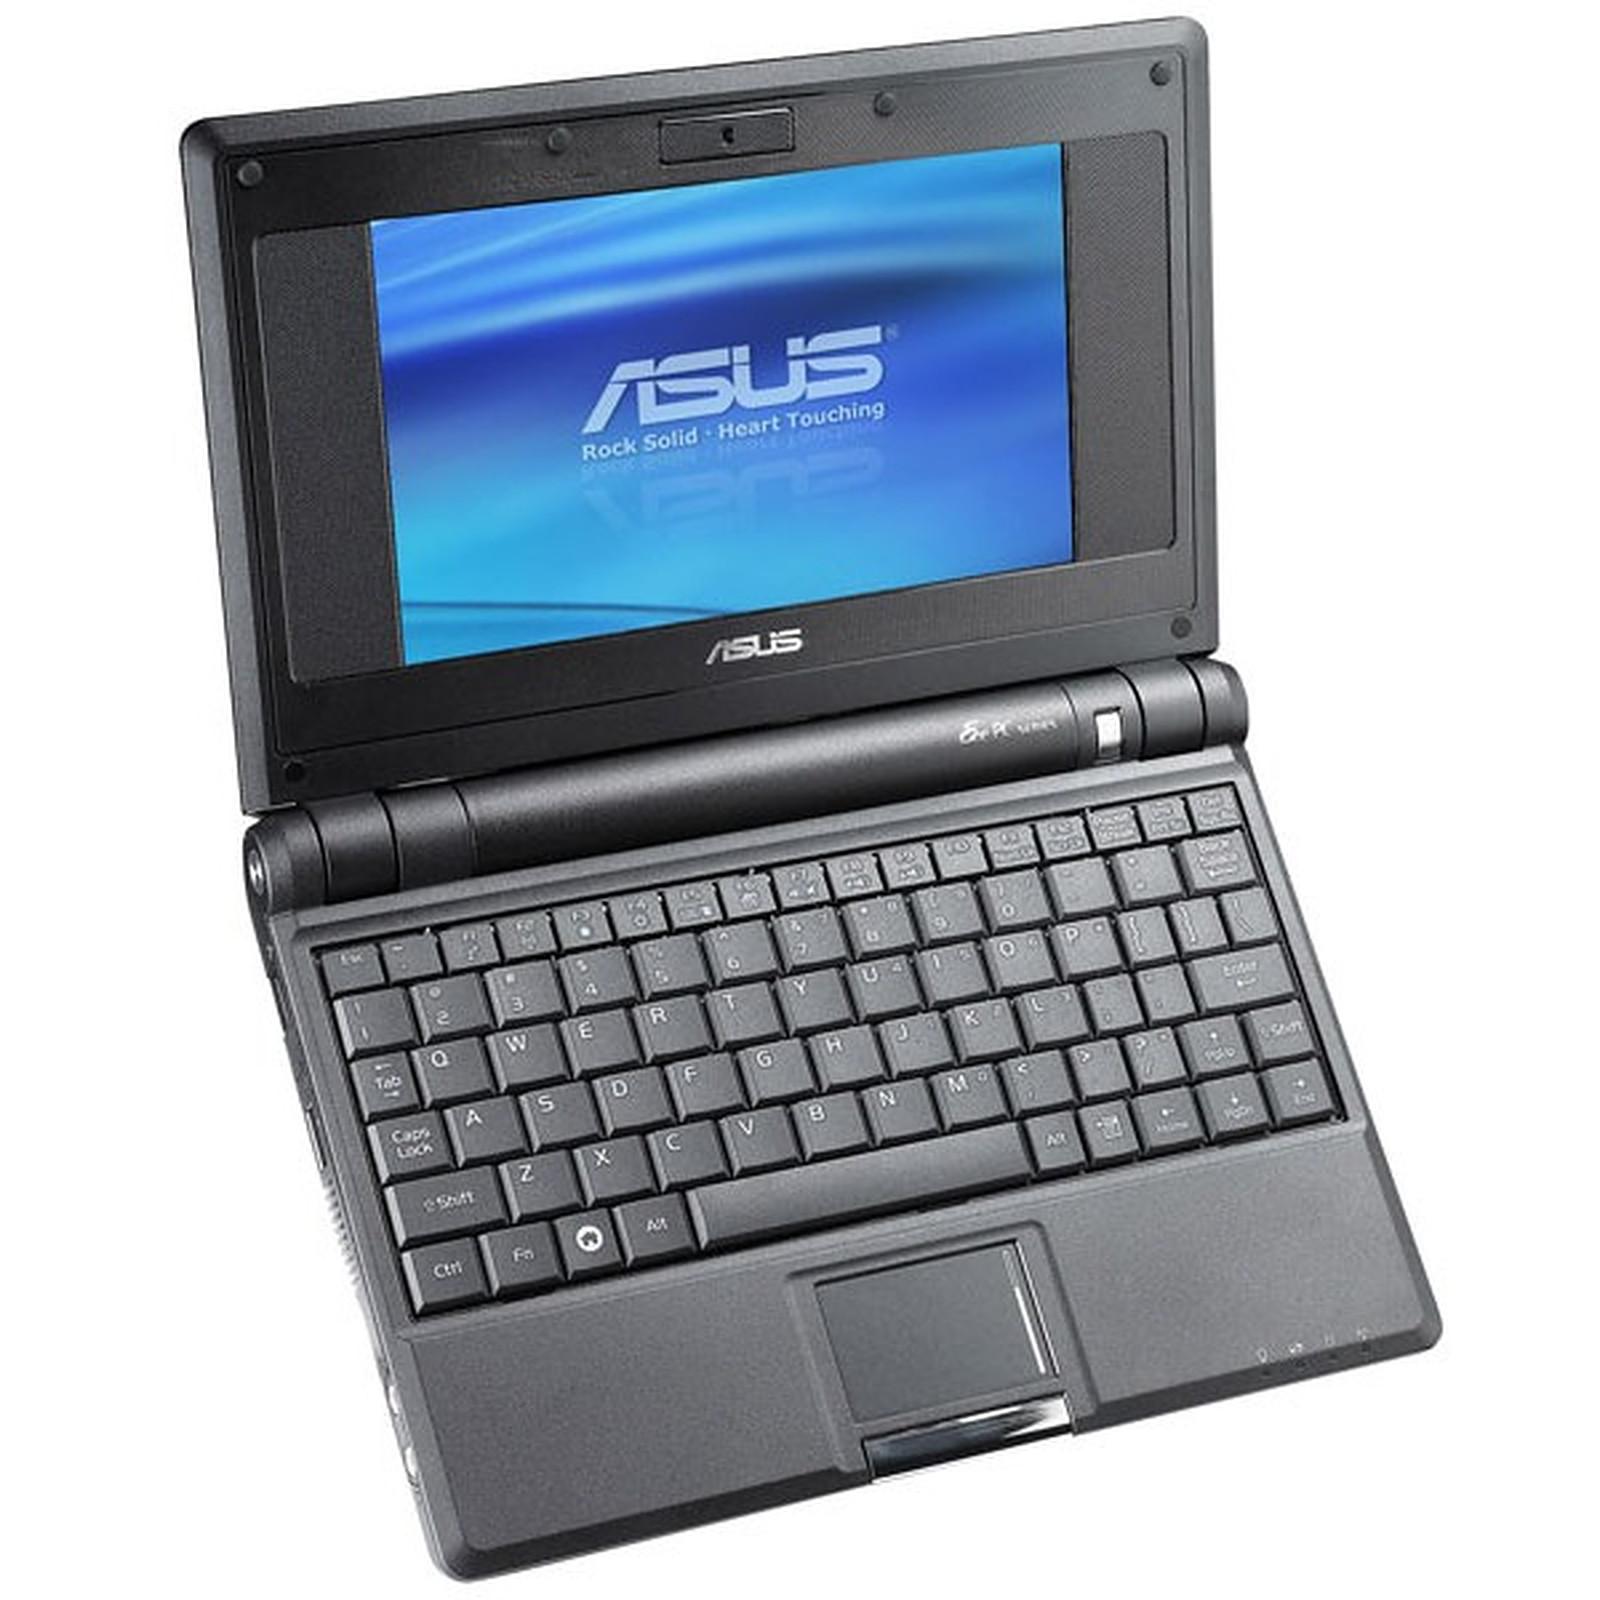 ASUS Eee PC 4G Noir